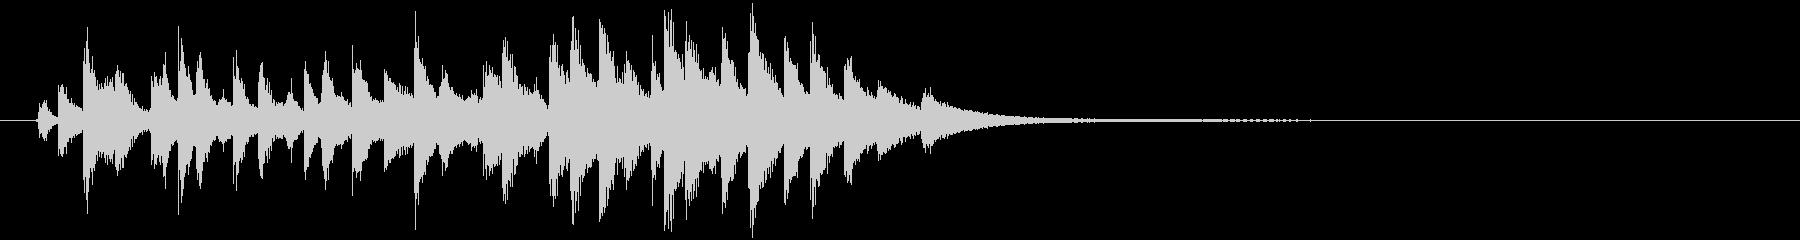 オーストリアのカウベル:絶え間なく...の未再生の波形